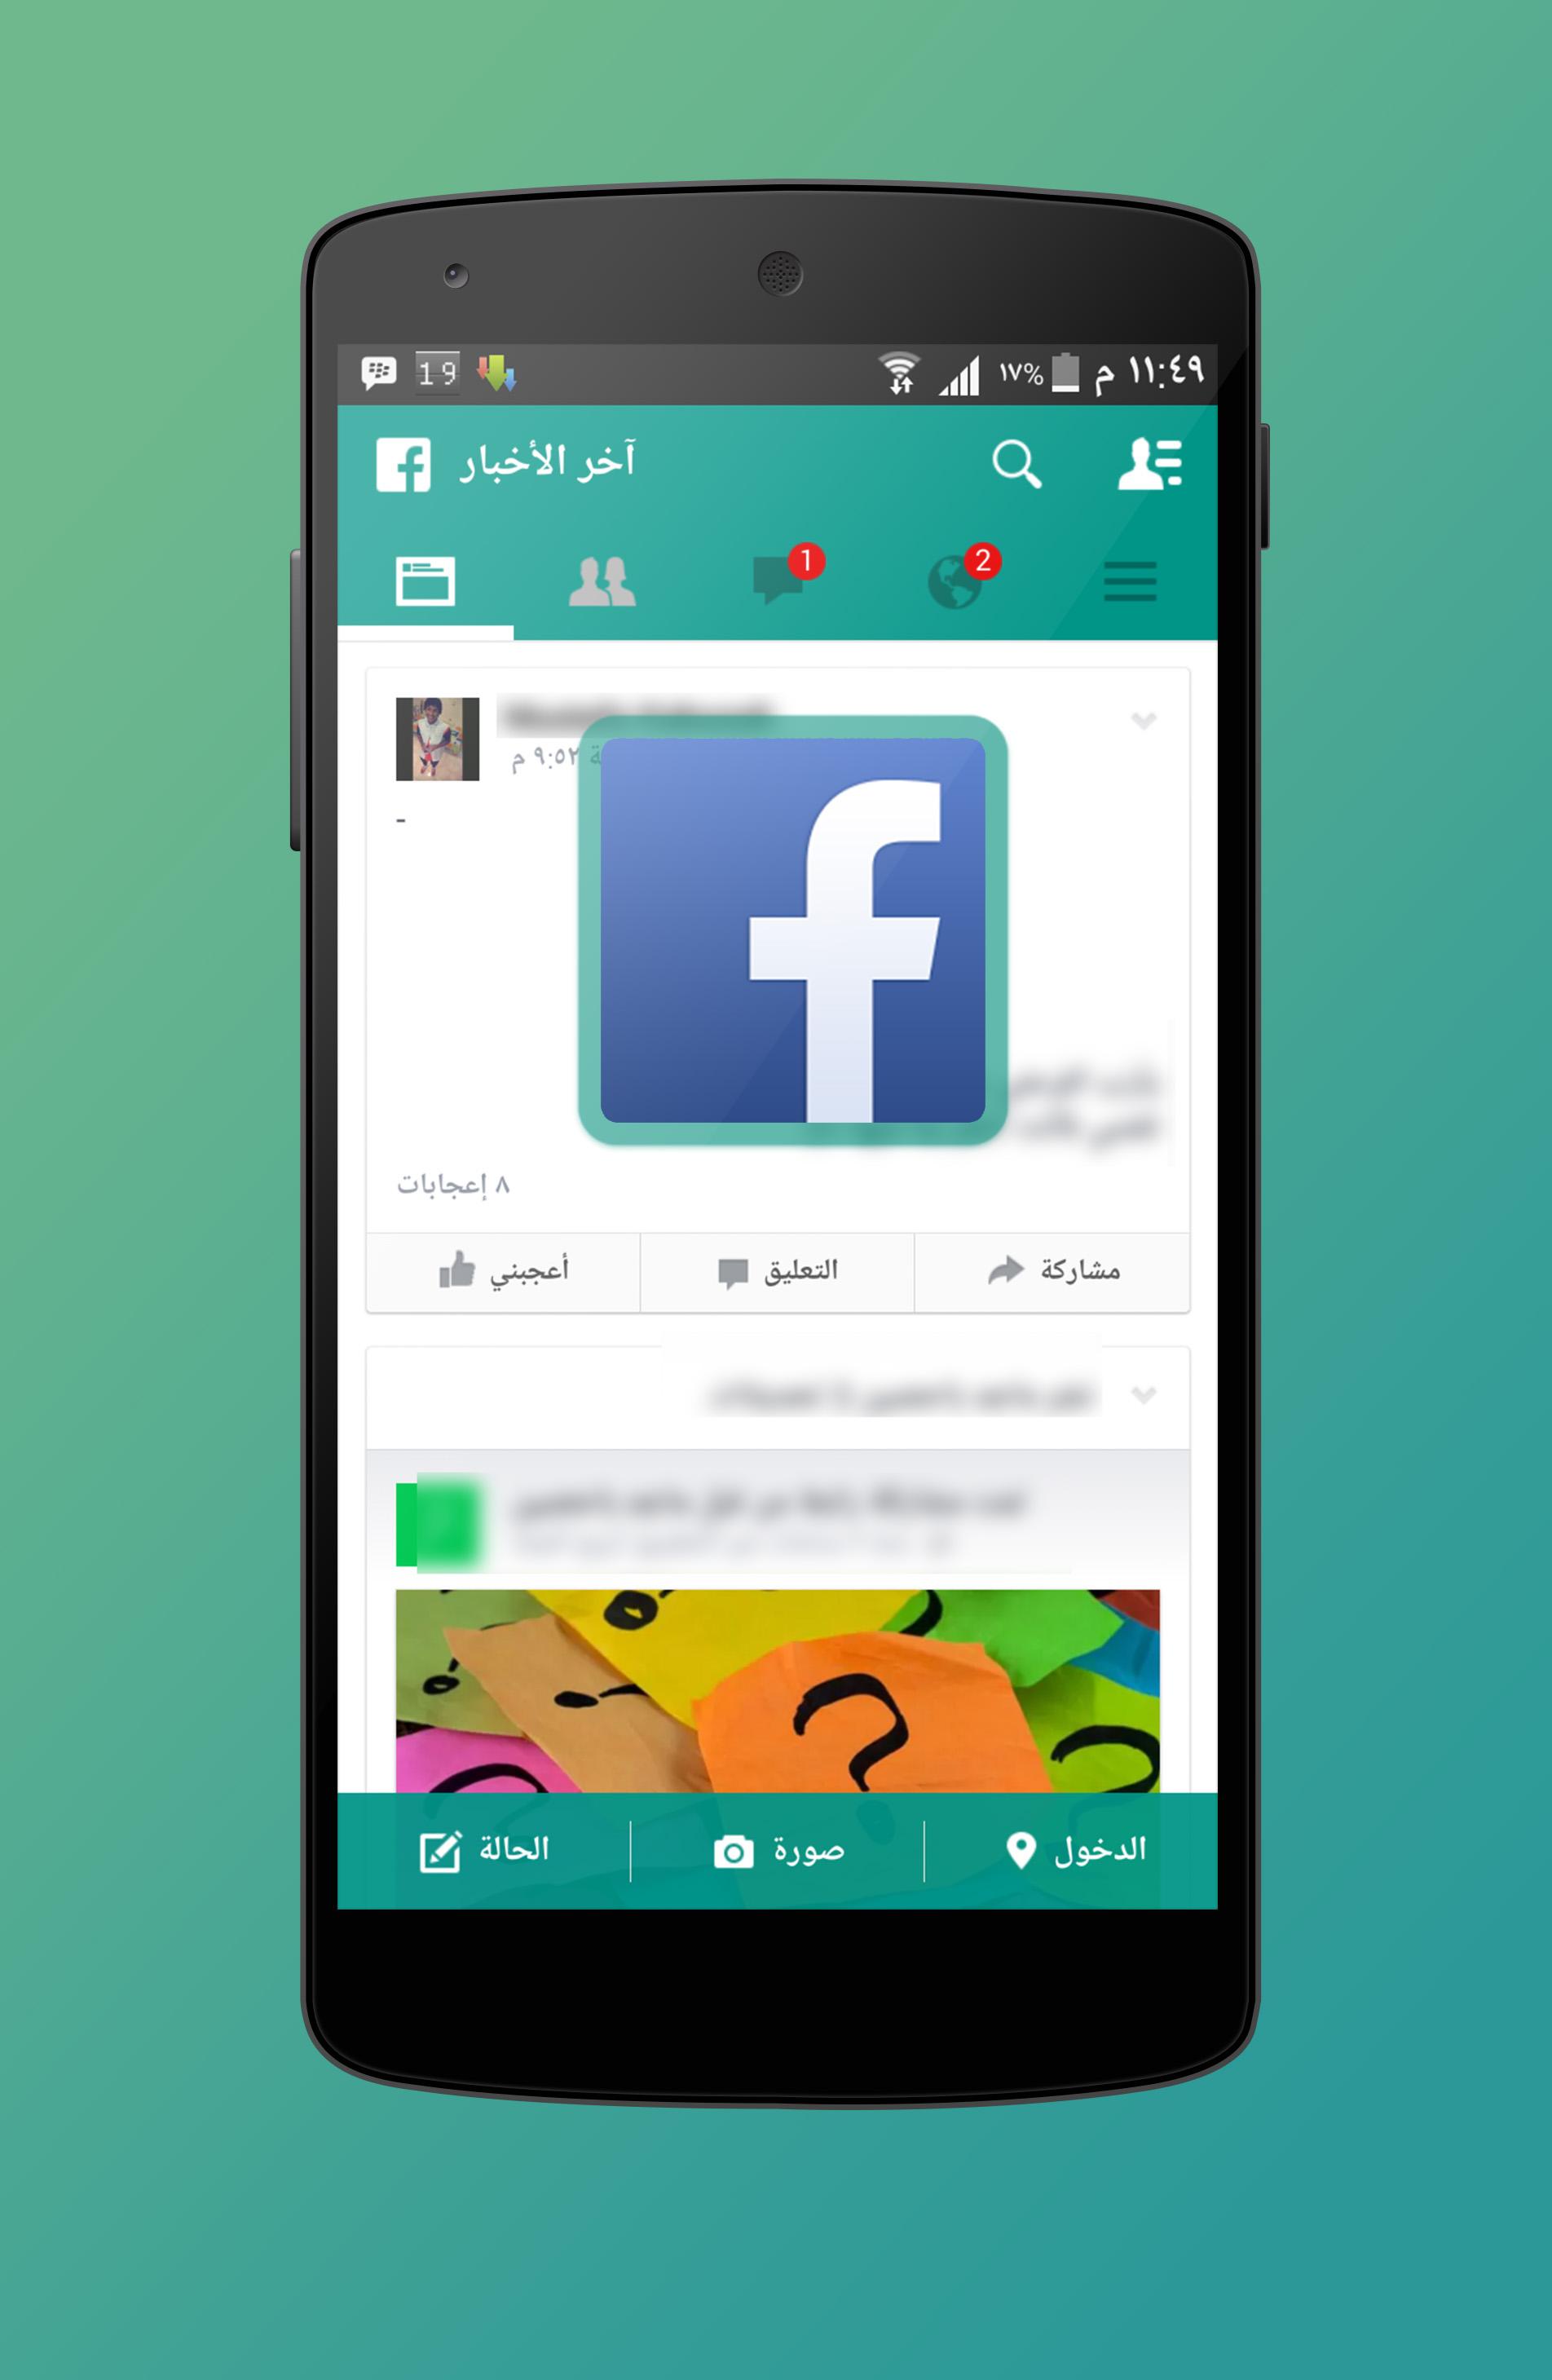 Photo of تطبيق فيس بوك معدل بعدة ثيمات وألوان للاندرويد